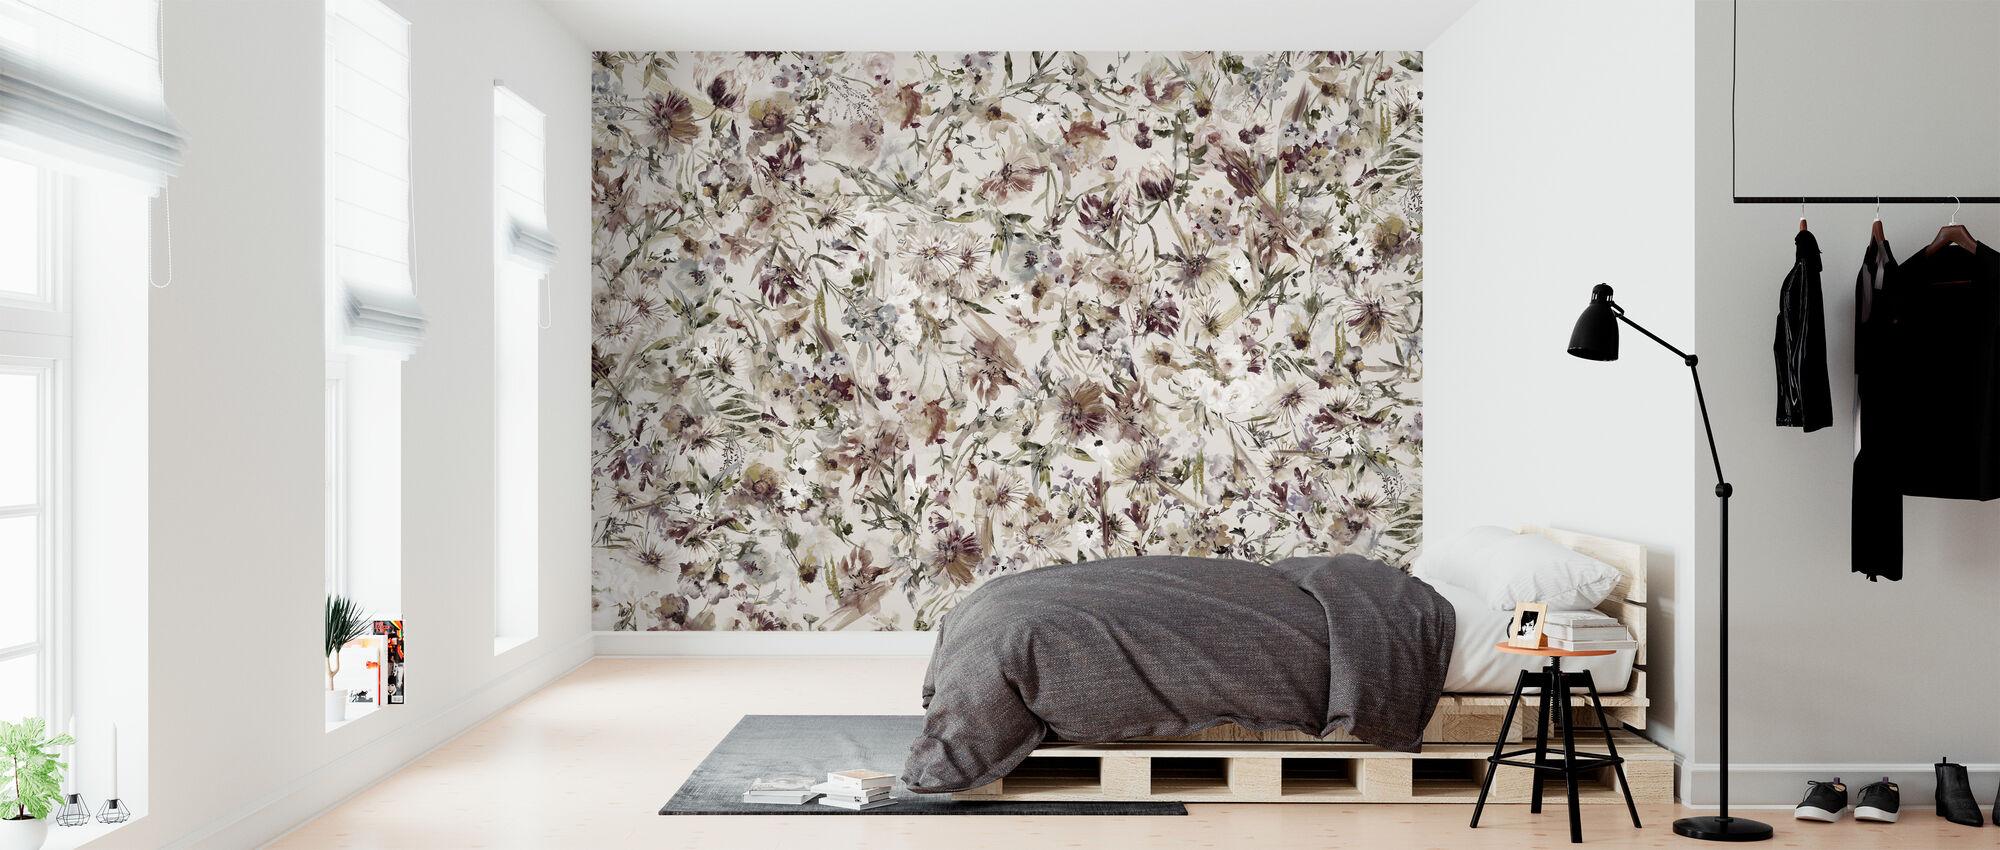 Bohemian Blossom - Wallpaper - Bedroom